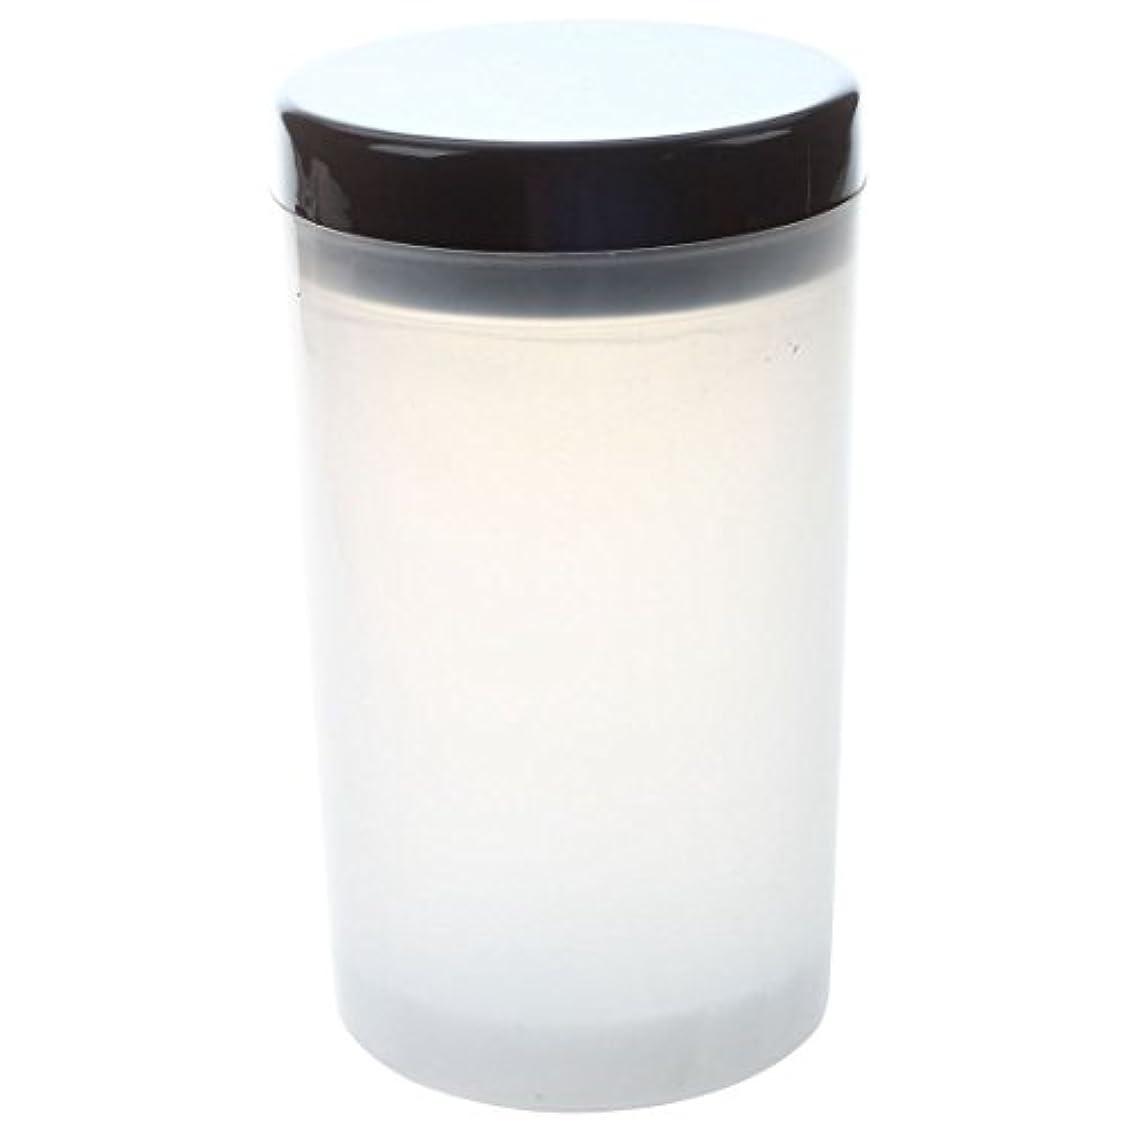 不完全な接ぎ木ディンカルビルACAMPTAR ネイルアートチップブラシホルダー リムーバーカップカップ浸漬ブラシ クリーナーボトル